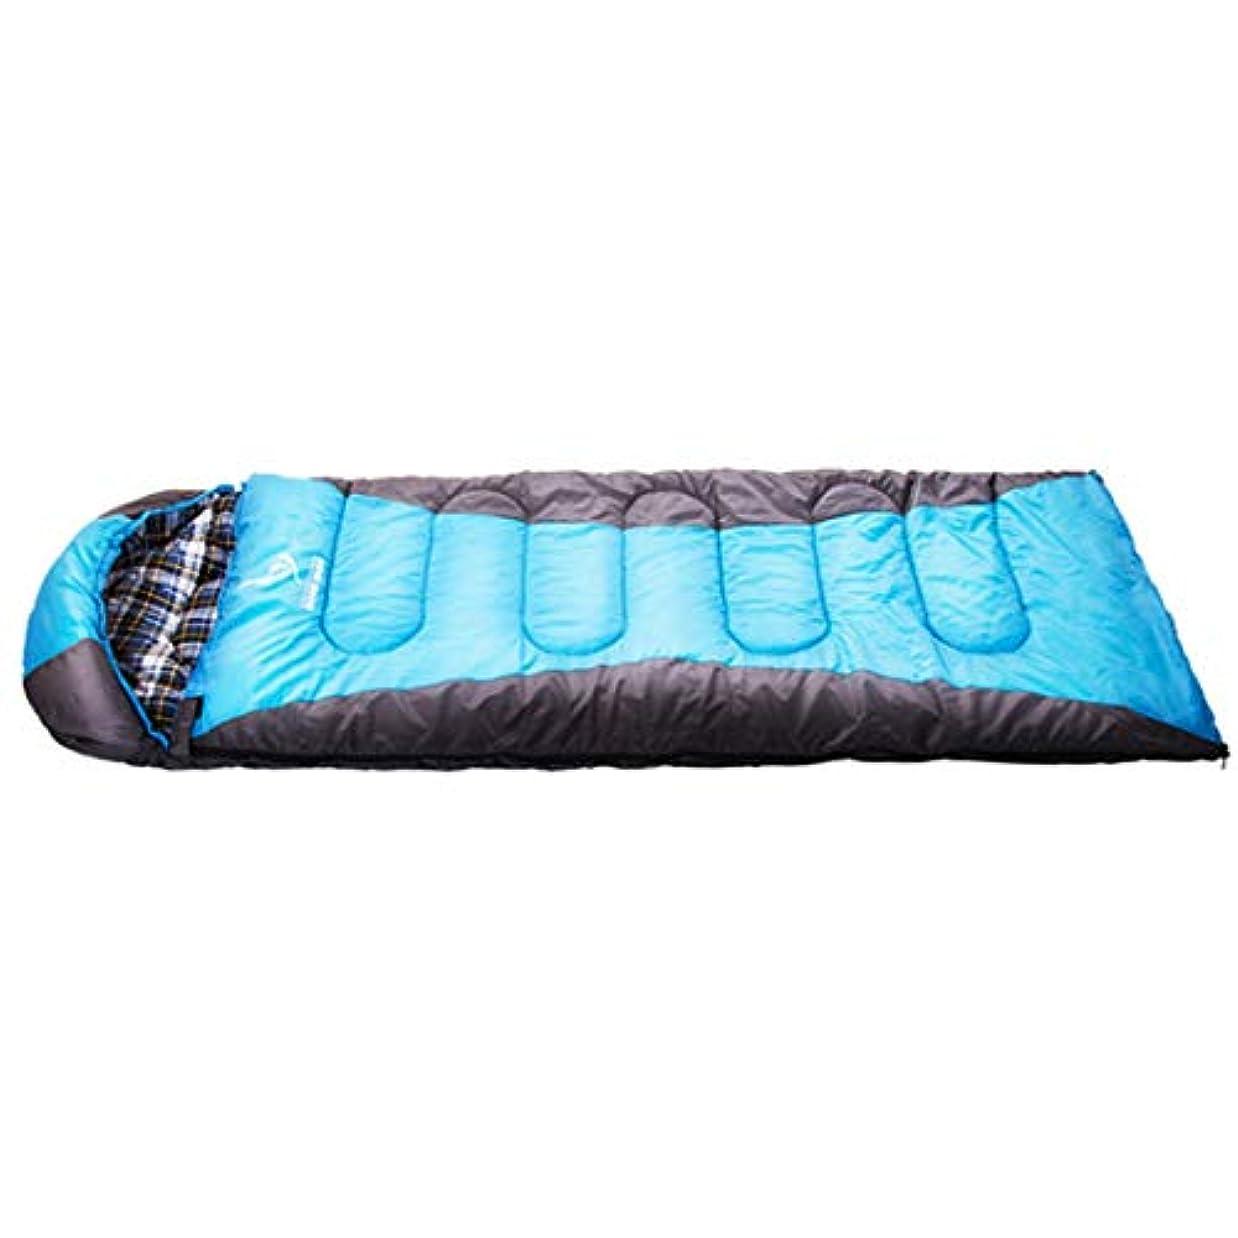 コイル広々とした人間Koloeplf コットンフランネル寝袋と大人のための快適な圧縮袋寒い天気 (Color : Black blue)